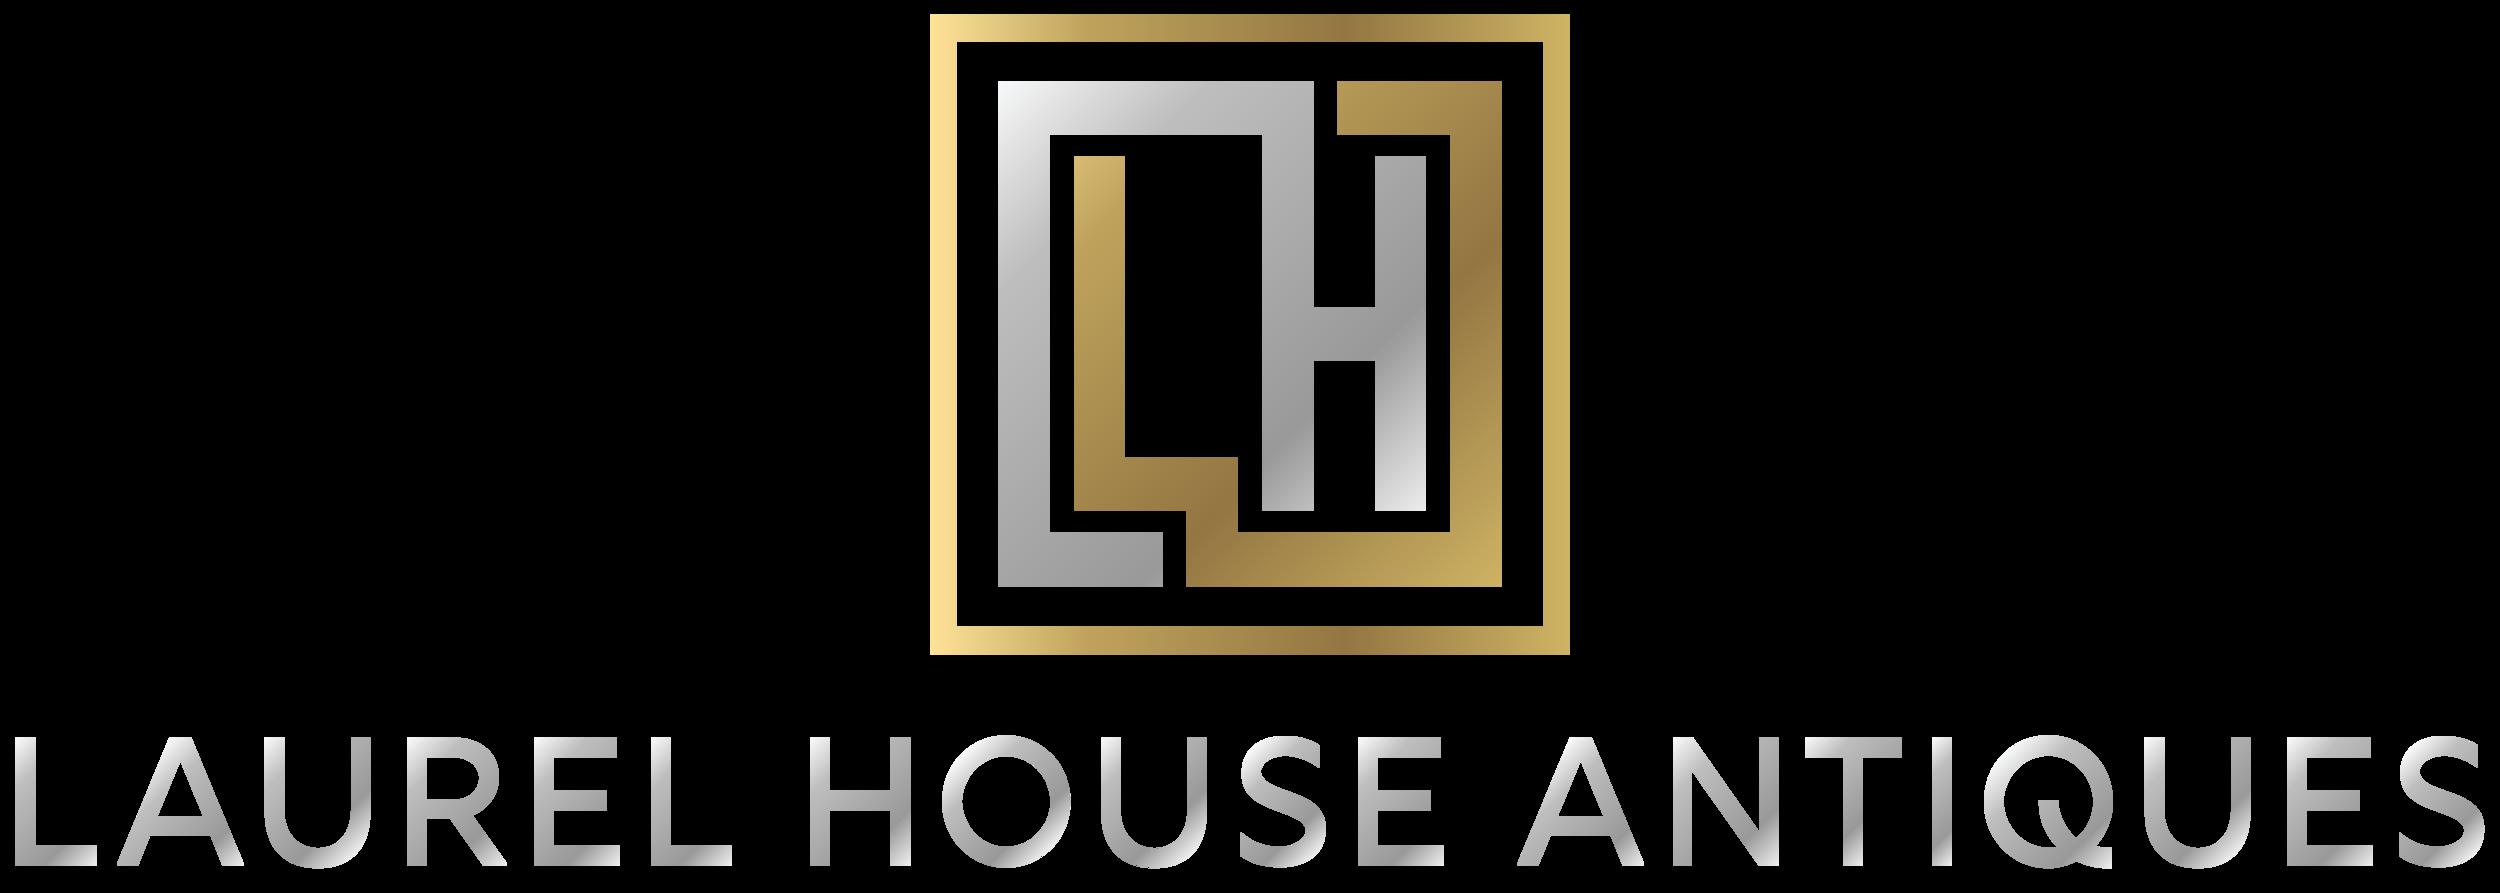 LAH-HiRes-gold.png